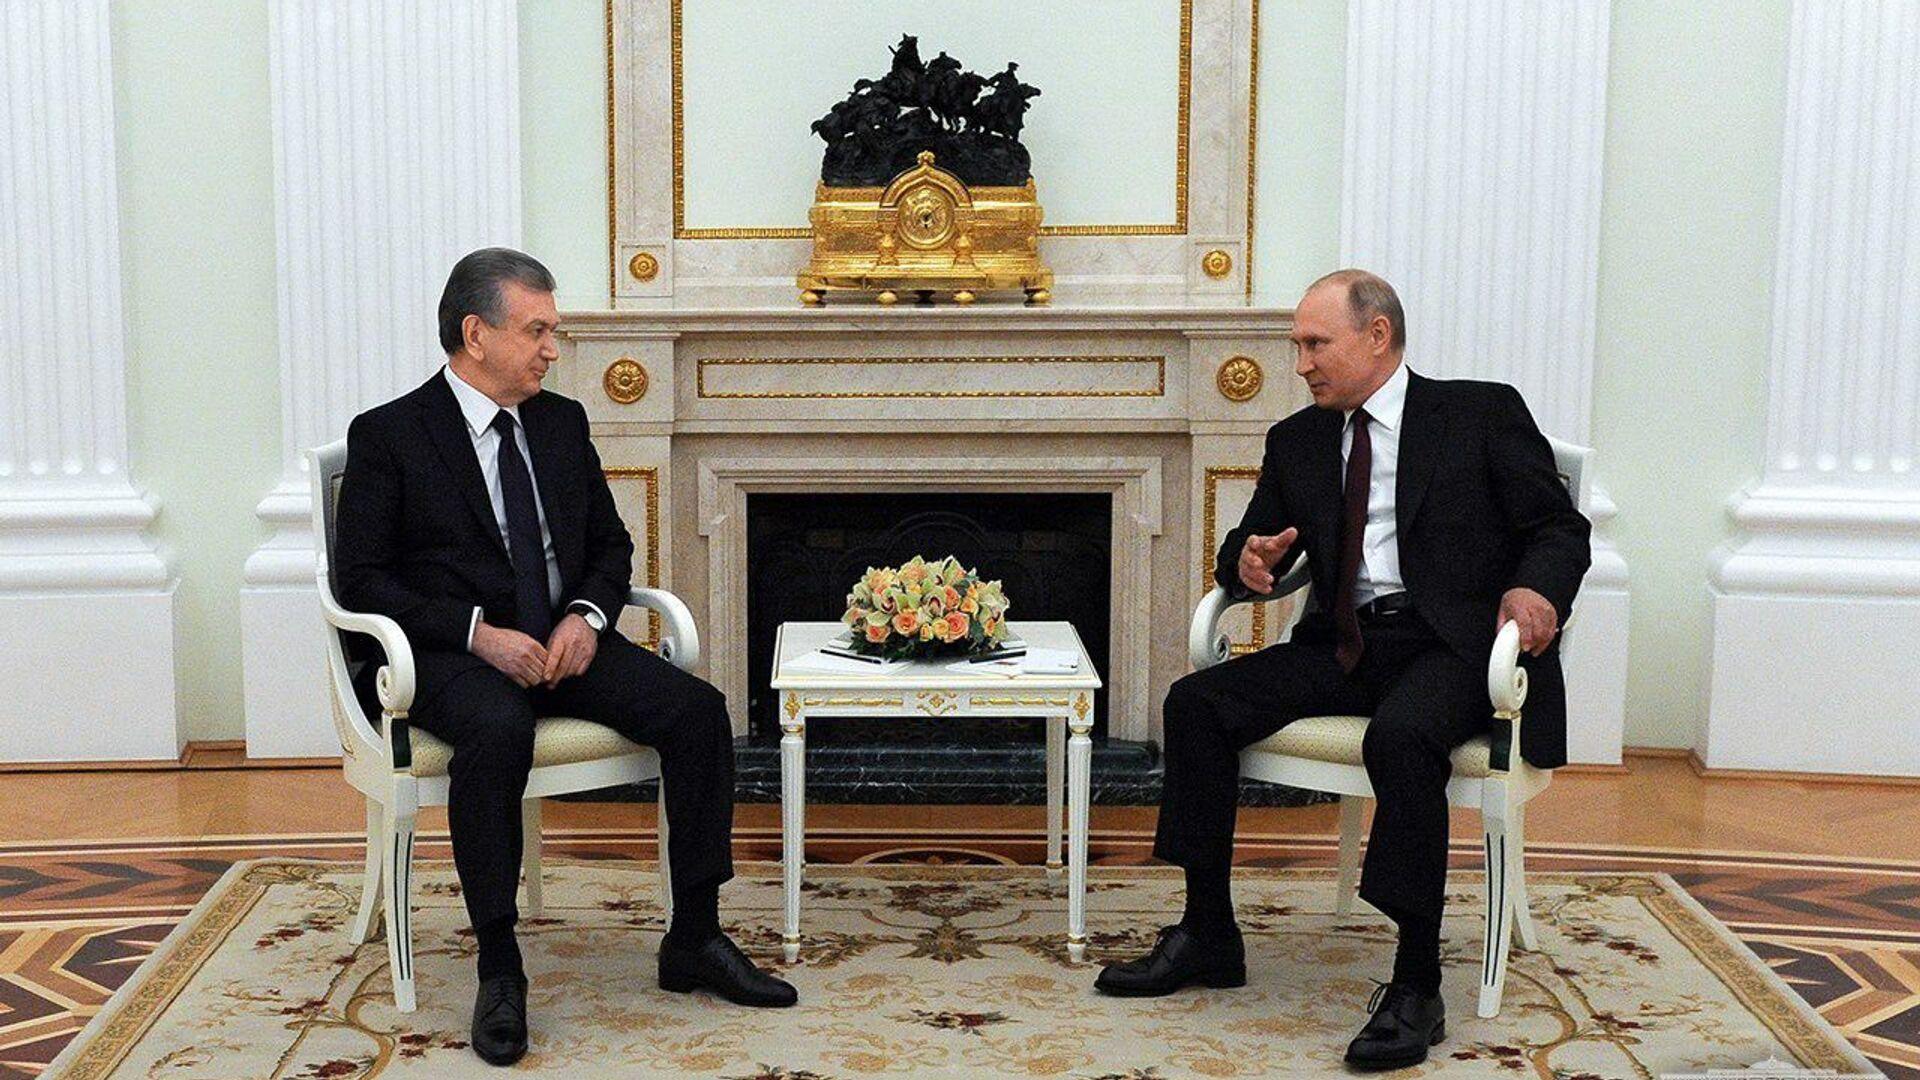 Шавкат Мирзиёев и Владимир Путин провели переговоры - Sputnik Ўзбекистон, 1920, 15.08.2021